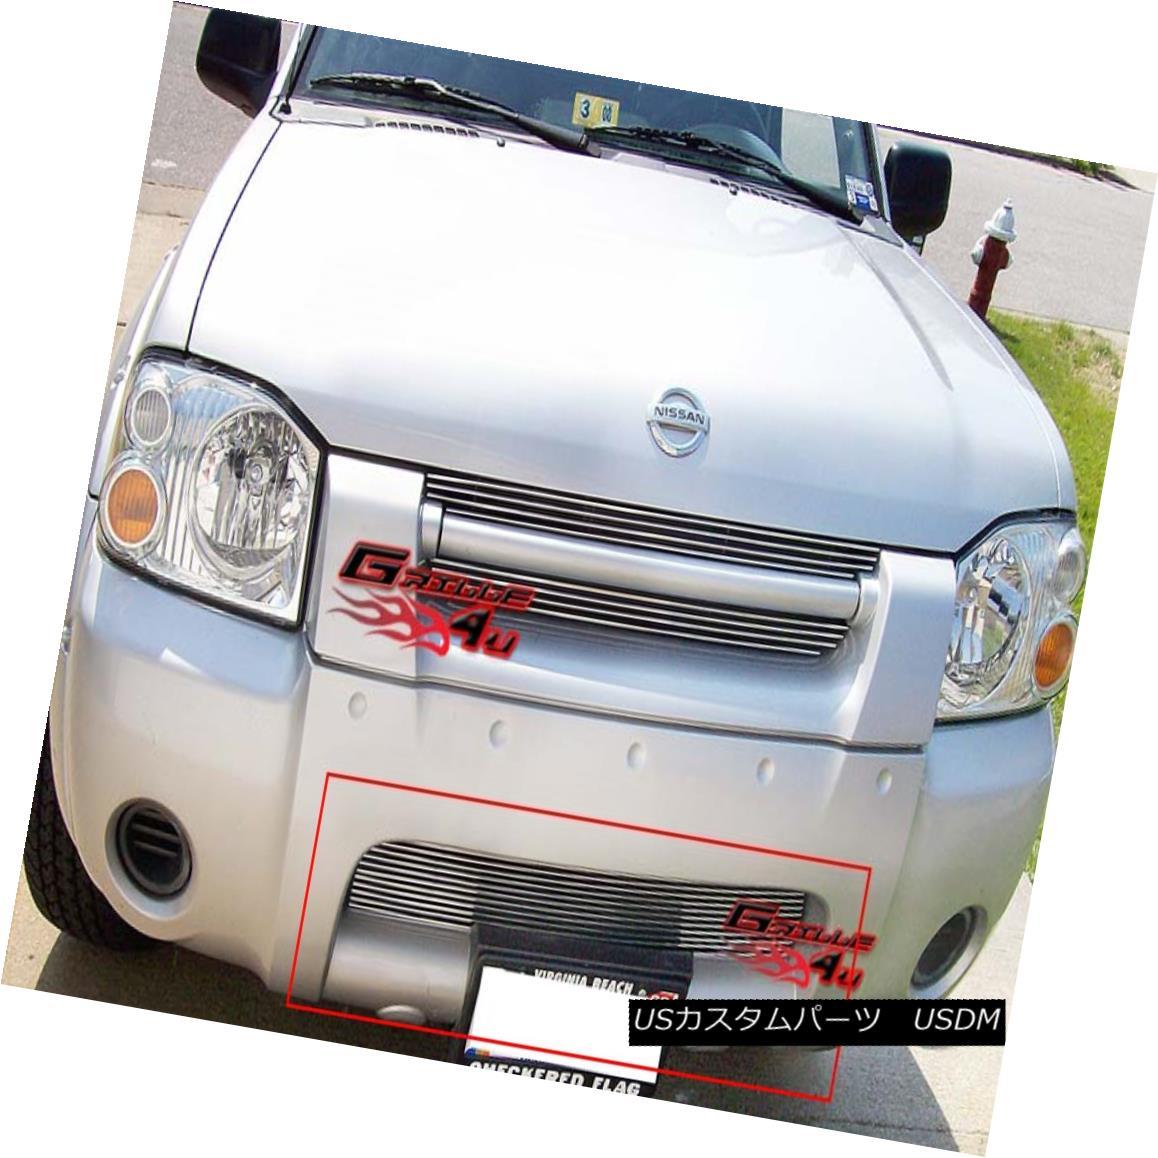 グリル Fits 2001-2004 Nissan Frontier Bumper Billet Grille Insert フィット2001-2004日産フロンティアバンパービレットグリルインサート